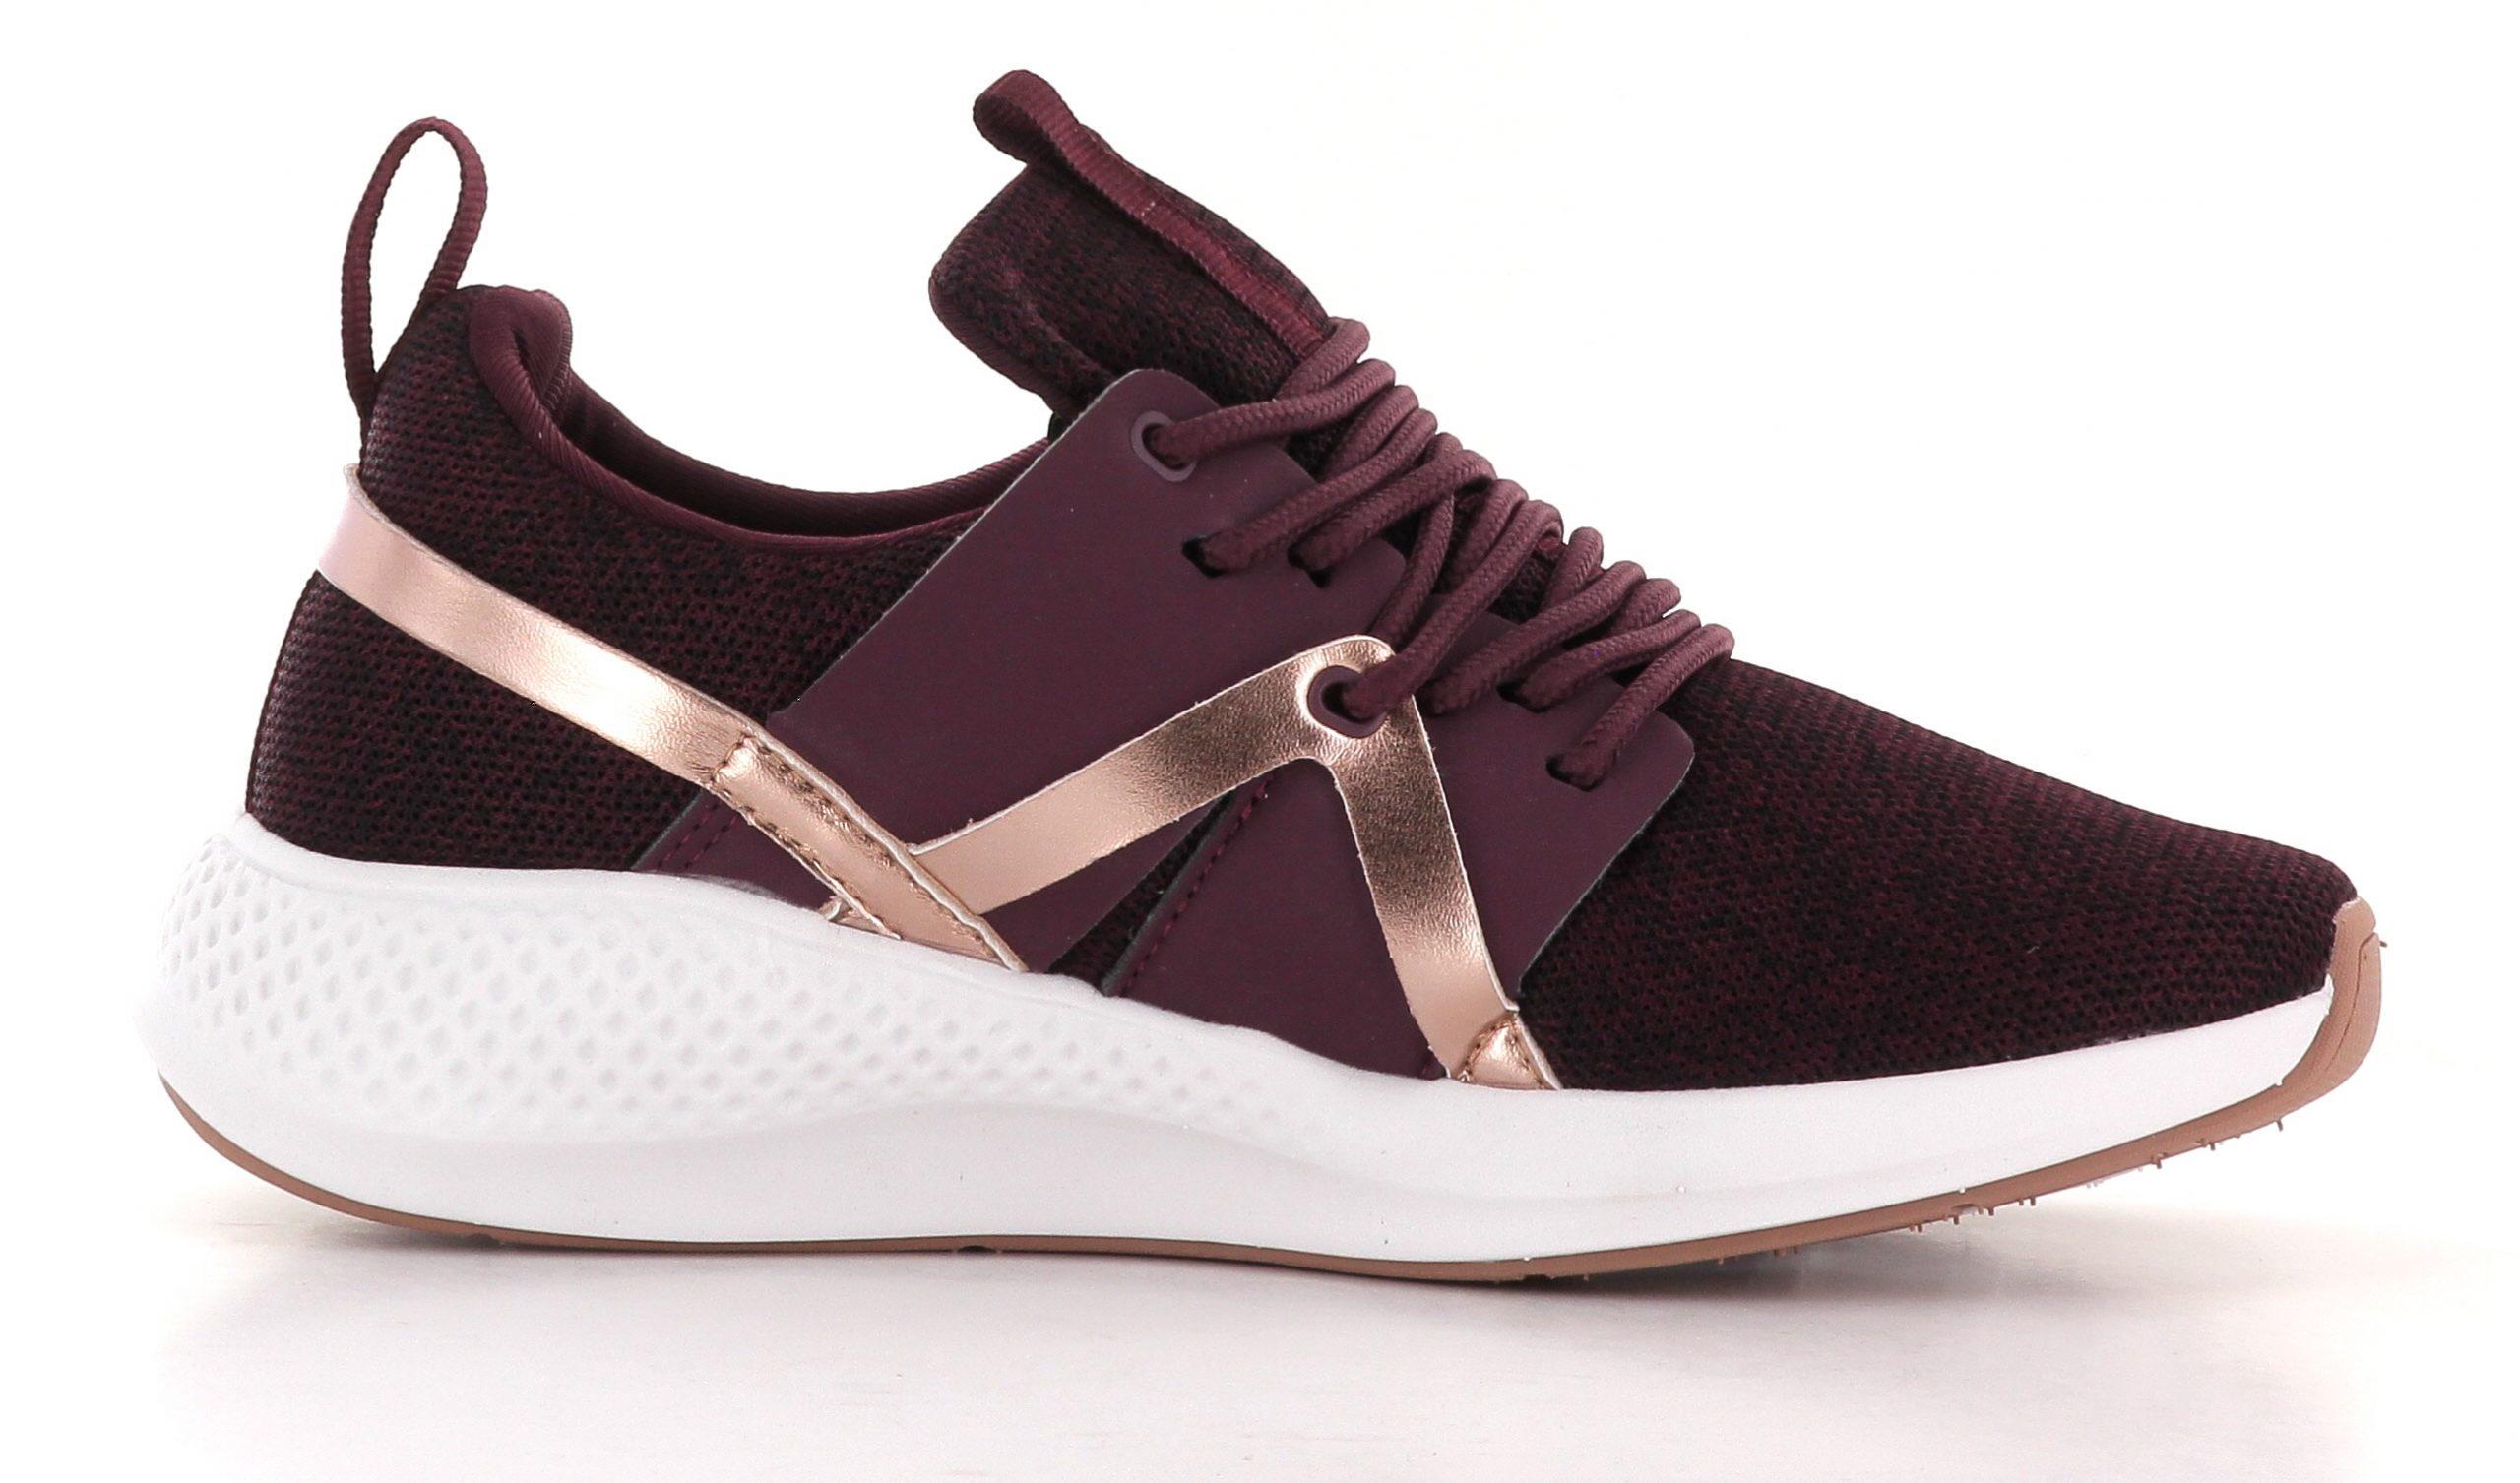 Burgunder Sapatos Ys Oslo Sneaker Sko